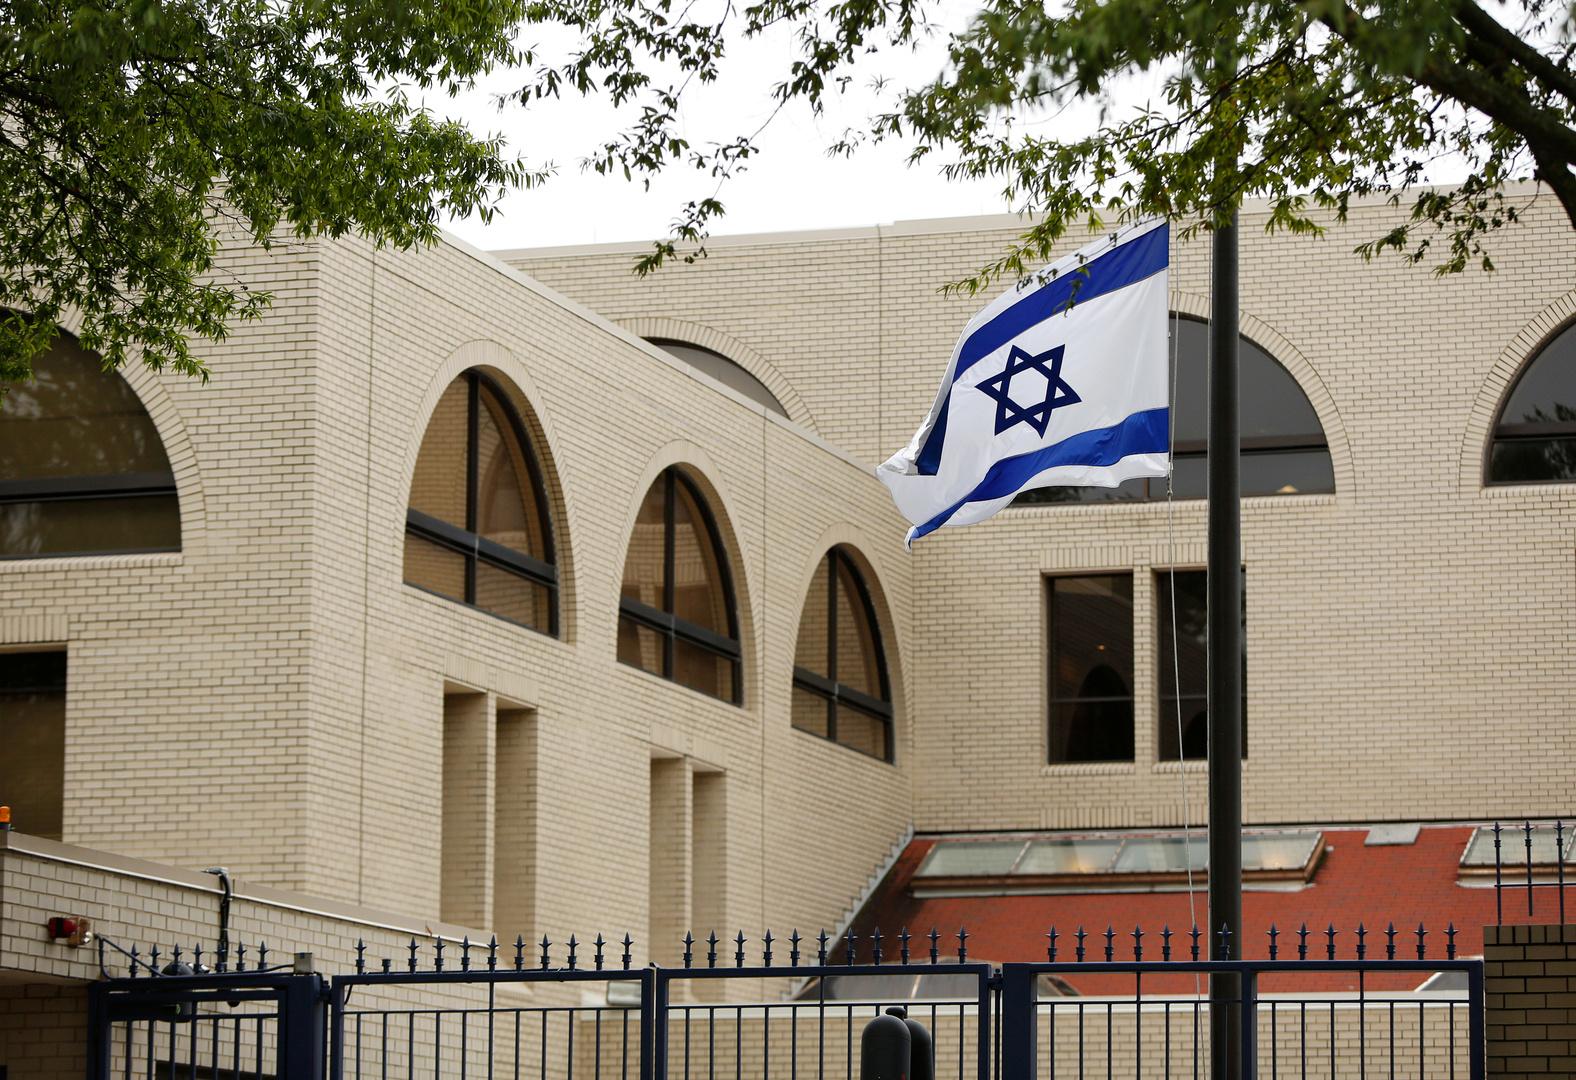 وسائل إعلام: سفارات إسرائيل في الخارج في حالة تأهب قصوى بعد اغتيال العالم الإيراني